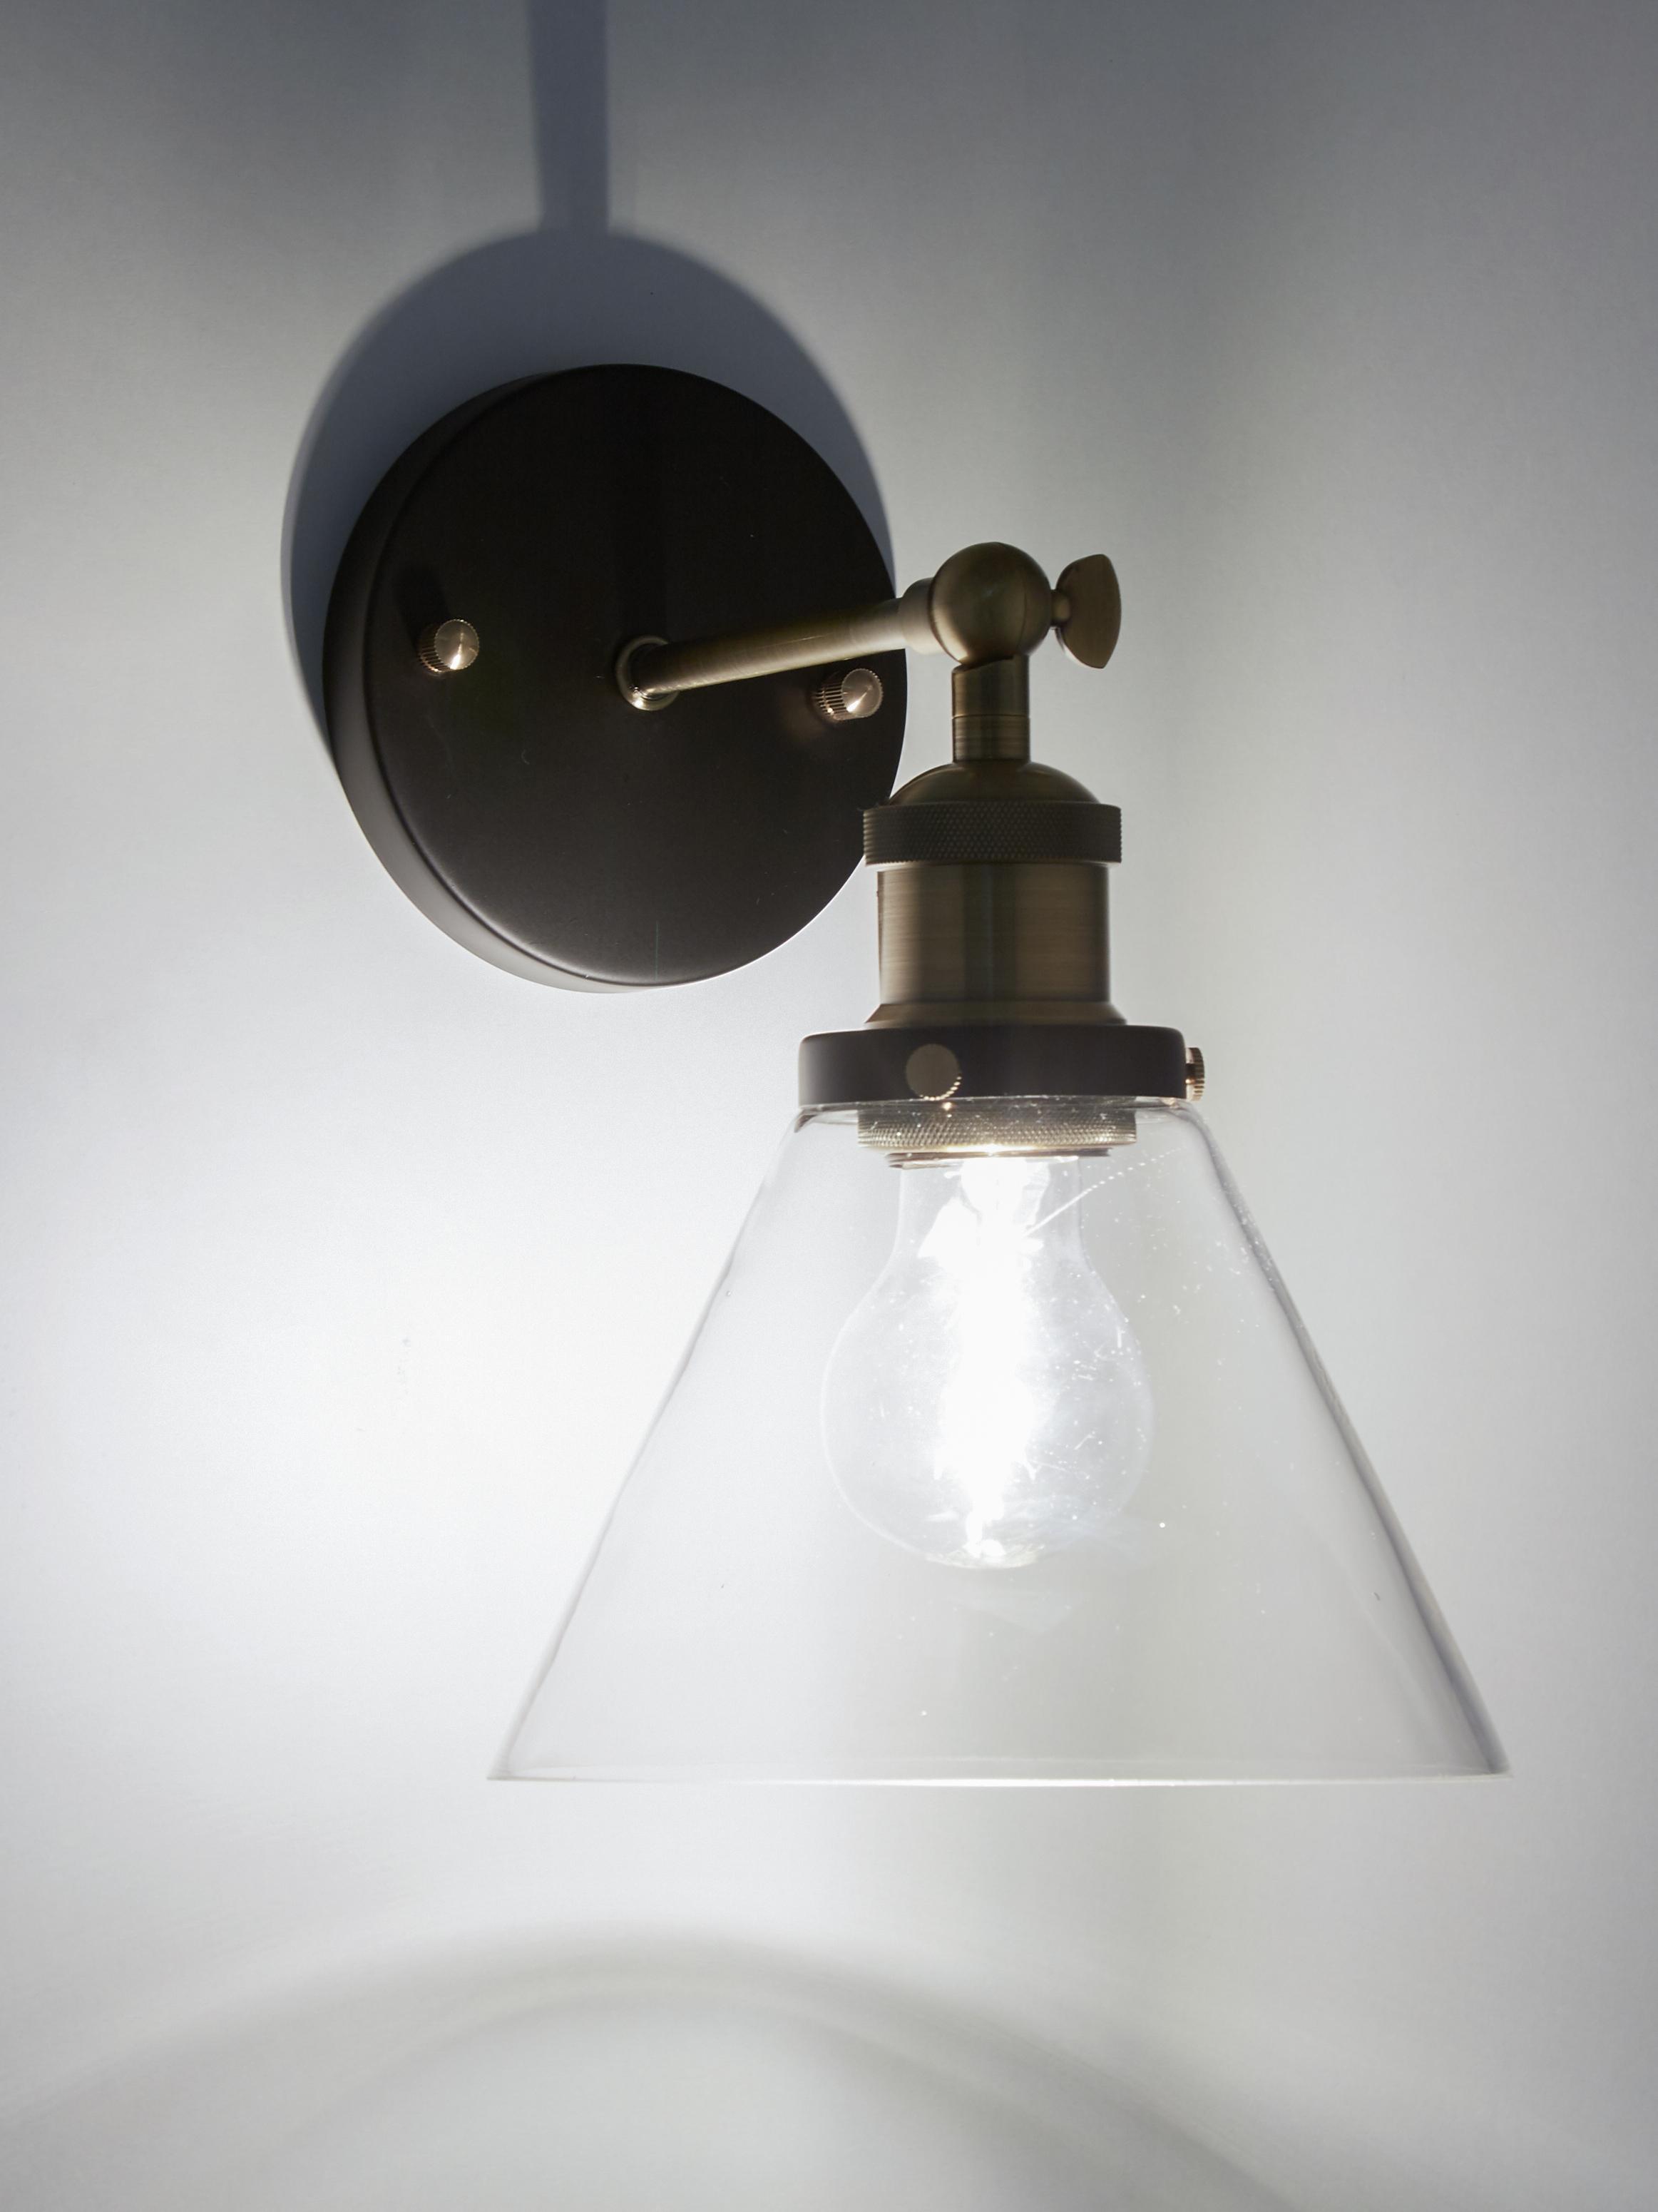 Nástěnné svítidlo New York Loft No.1, Černá, mosazná, transparentní